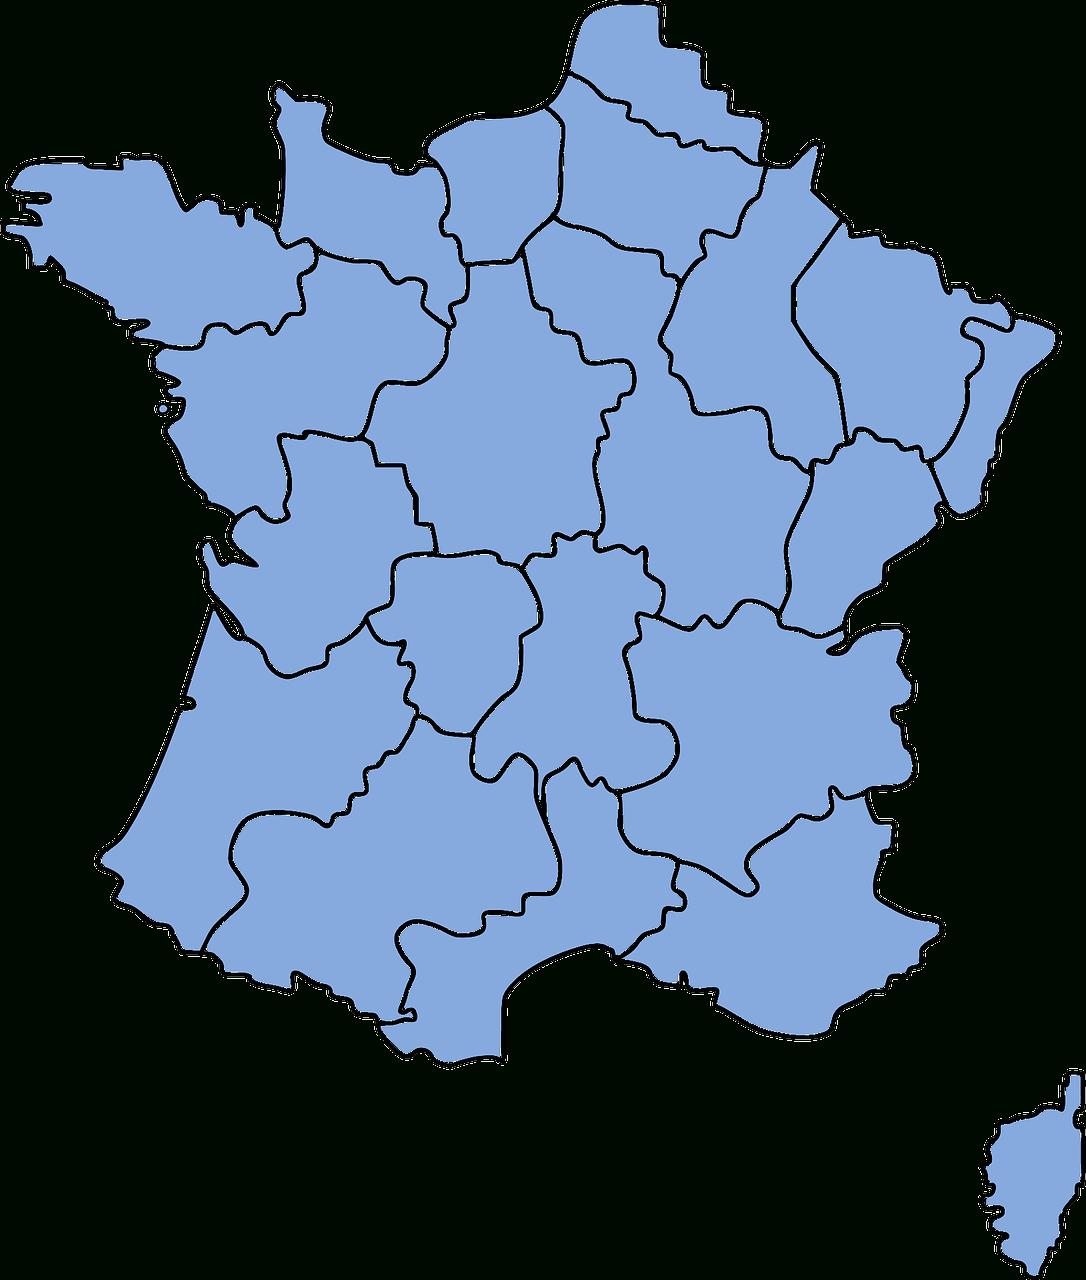 Les Régions De Nouveau En Découpage - Bounce Mag destiné Le Nouveau Découpage Des Régions